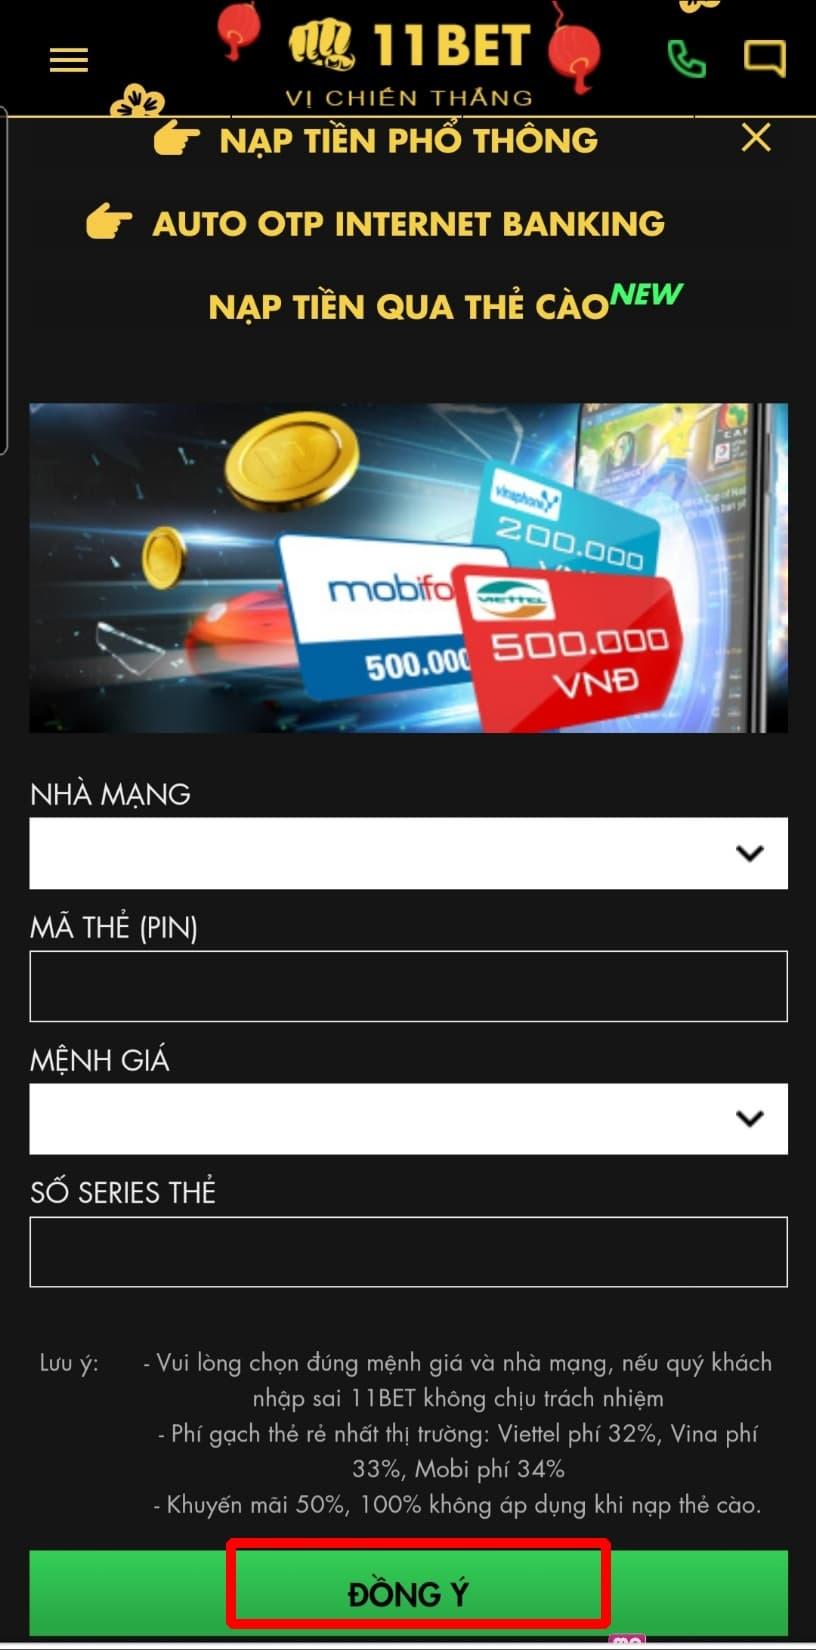 Bấm chọn ĐỒNG Ý để hoàn thành quá trình nạp tiền qua thẻ cào điện thoại